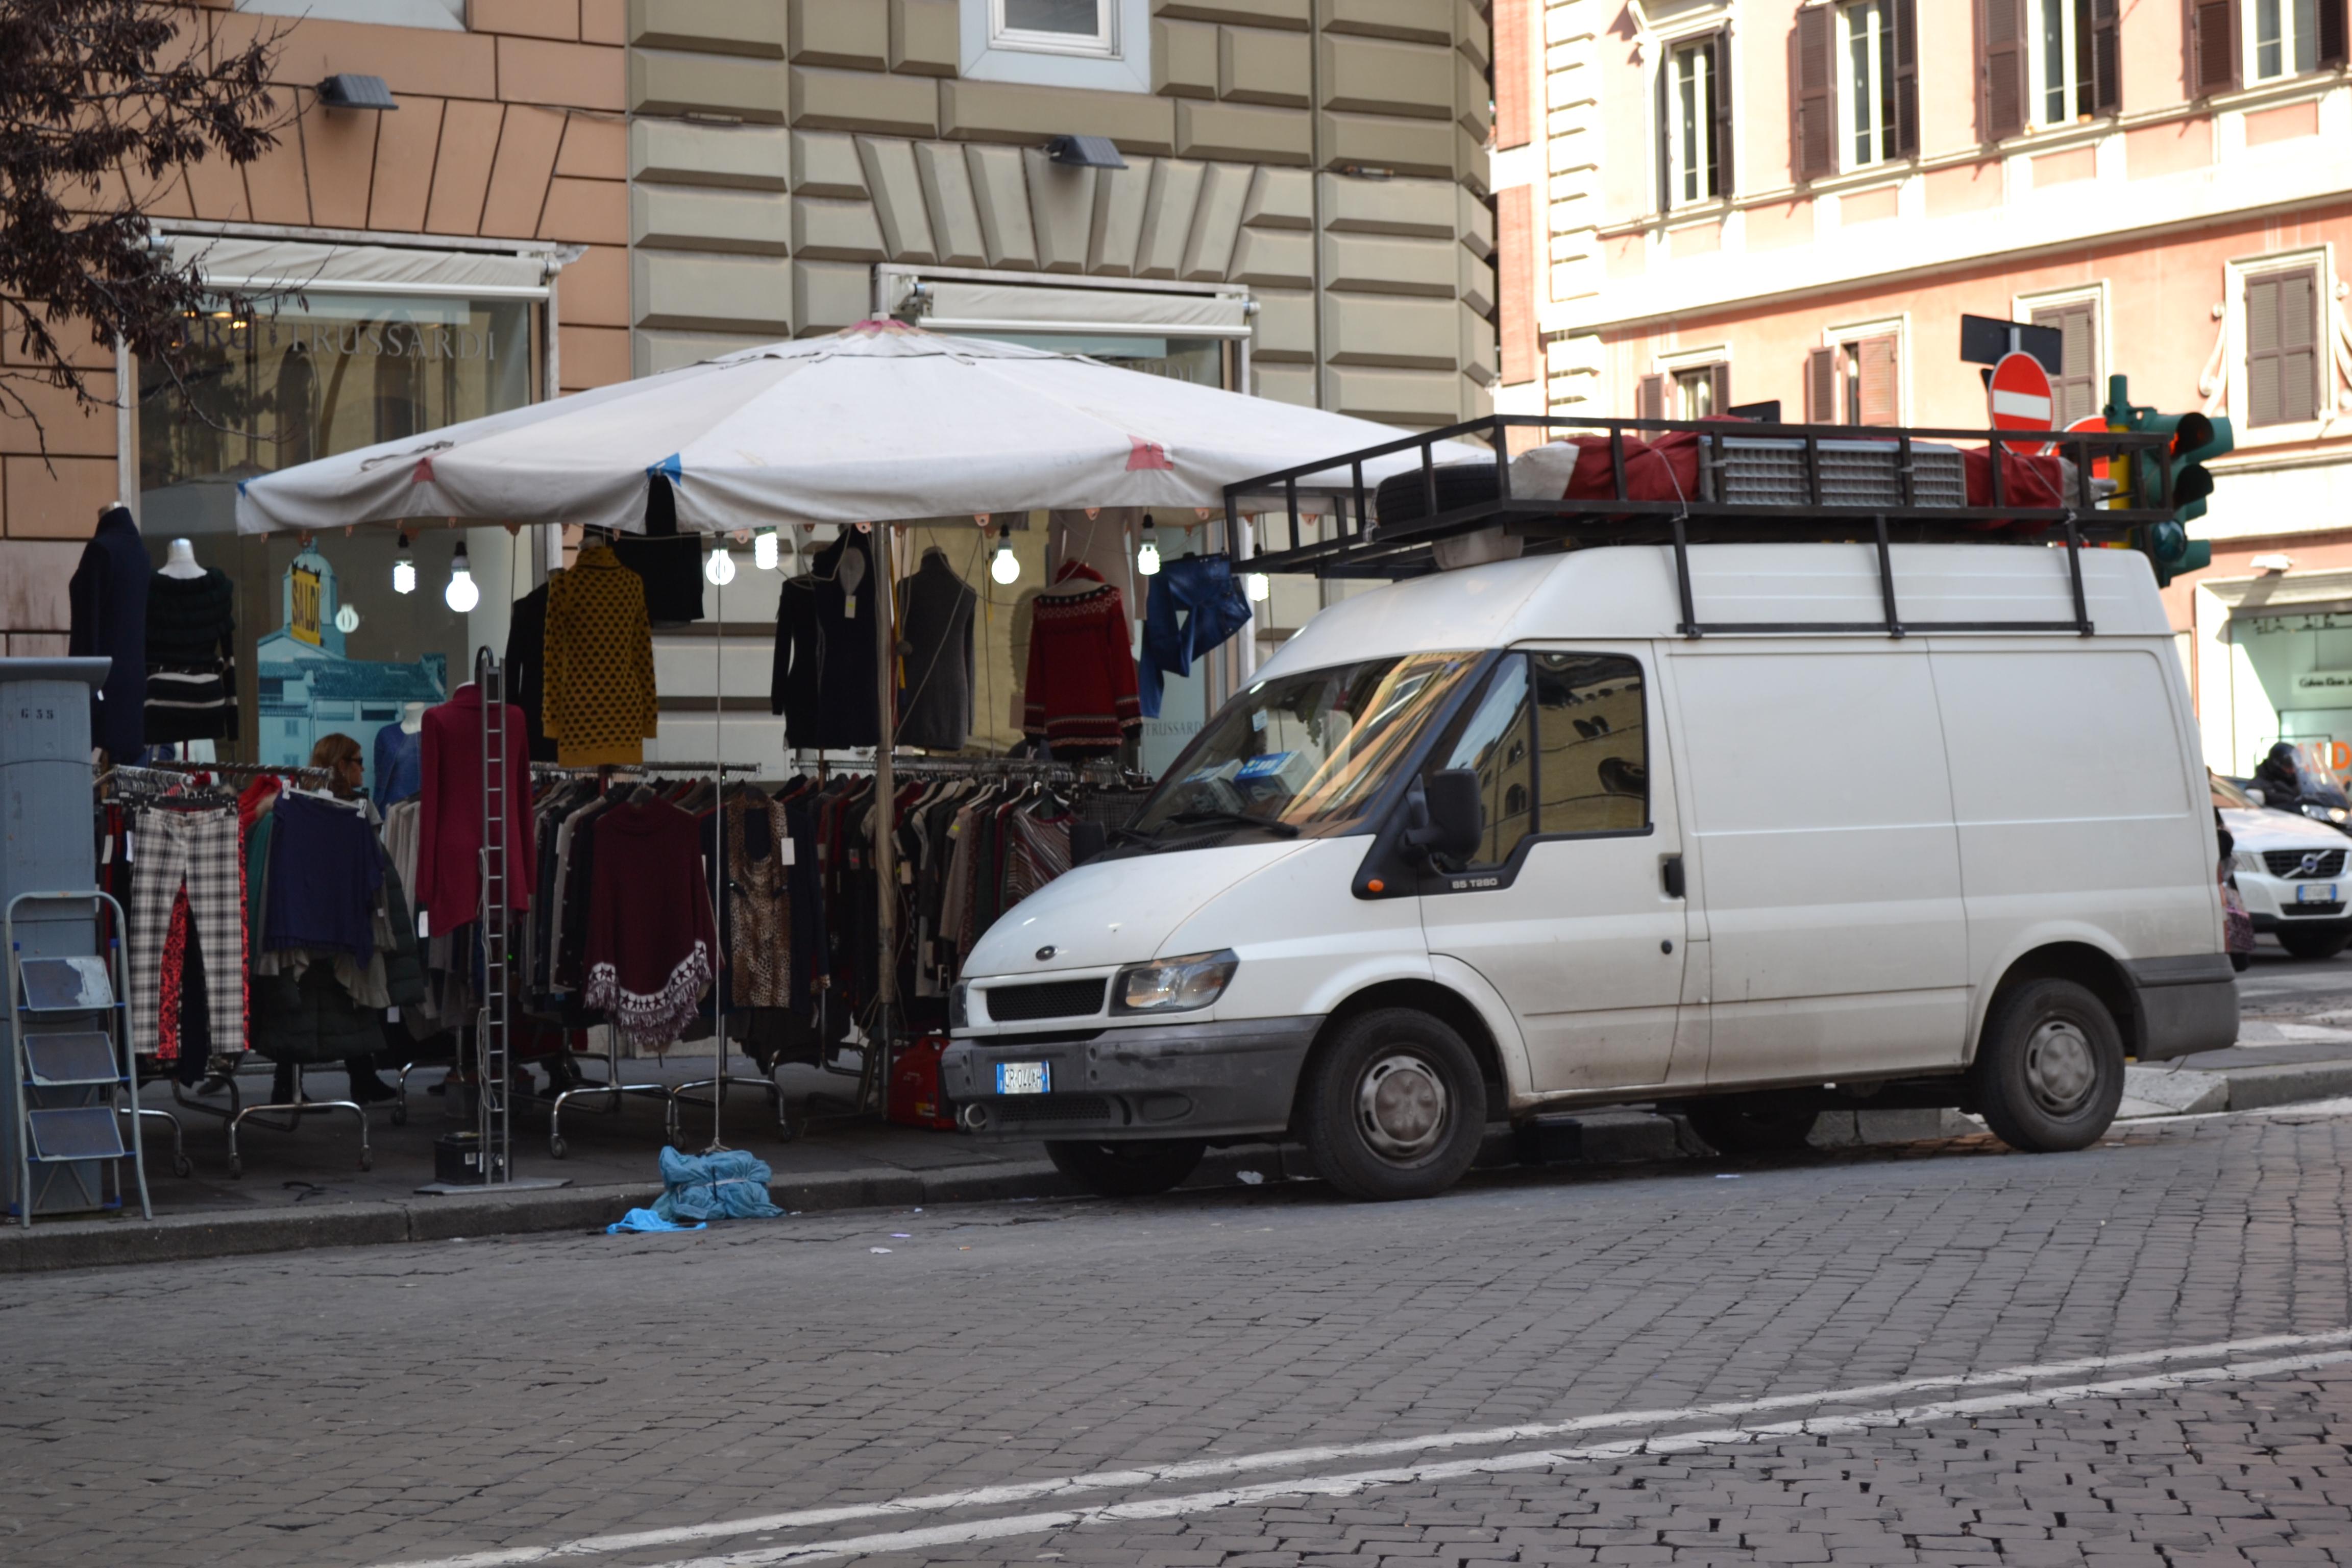 COLA DI RIENZO/Mutande in vendita davanti a Trussardi